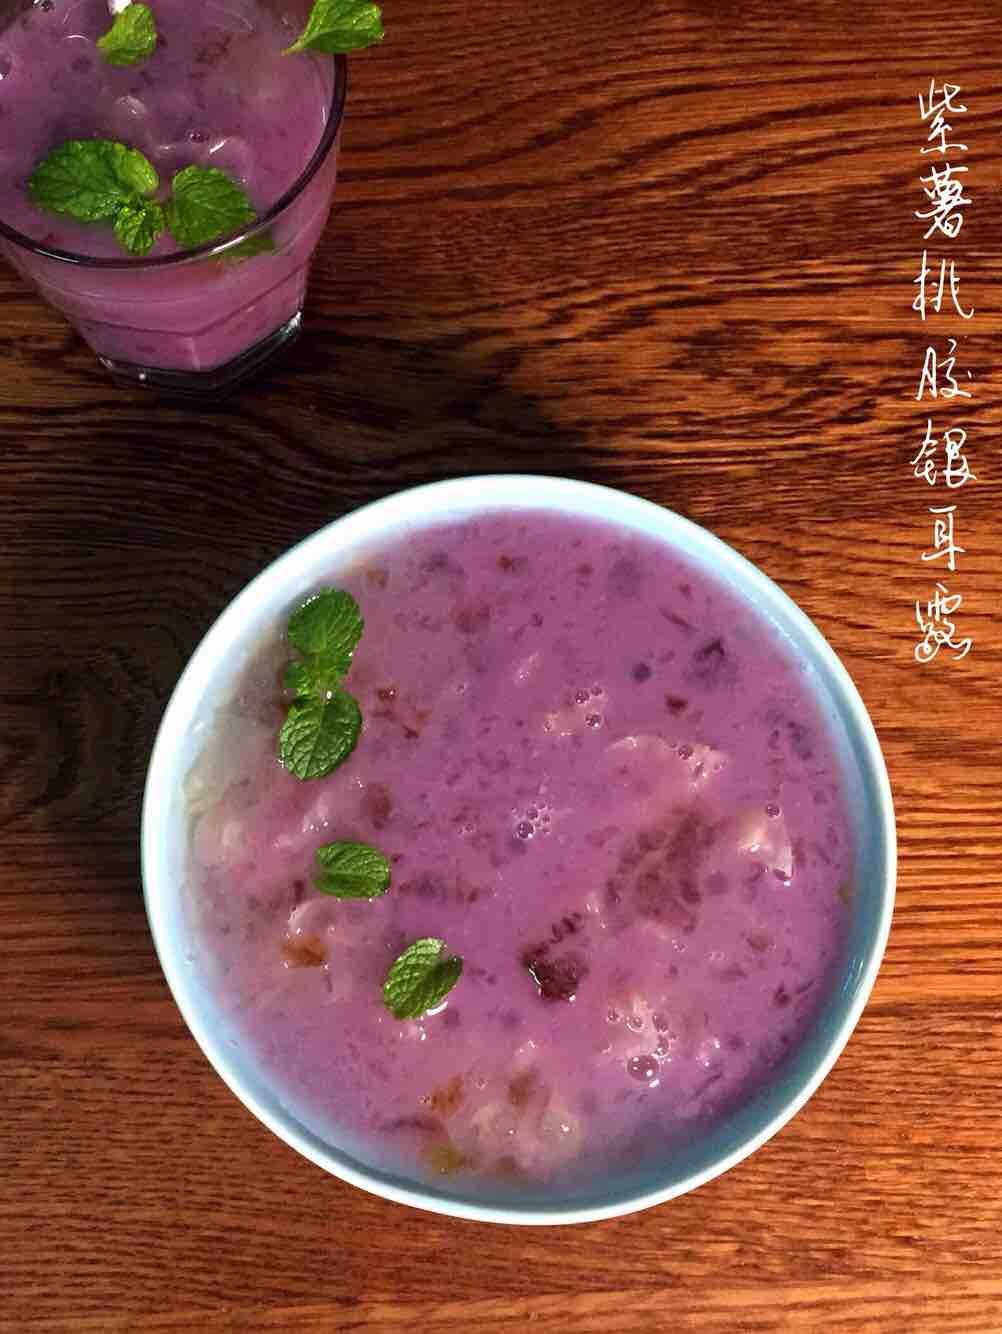 美容养颜润肺——紫薯桃胶银耳露